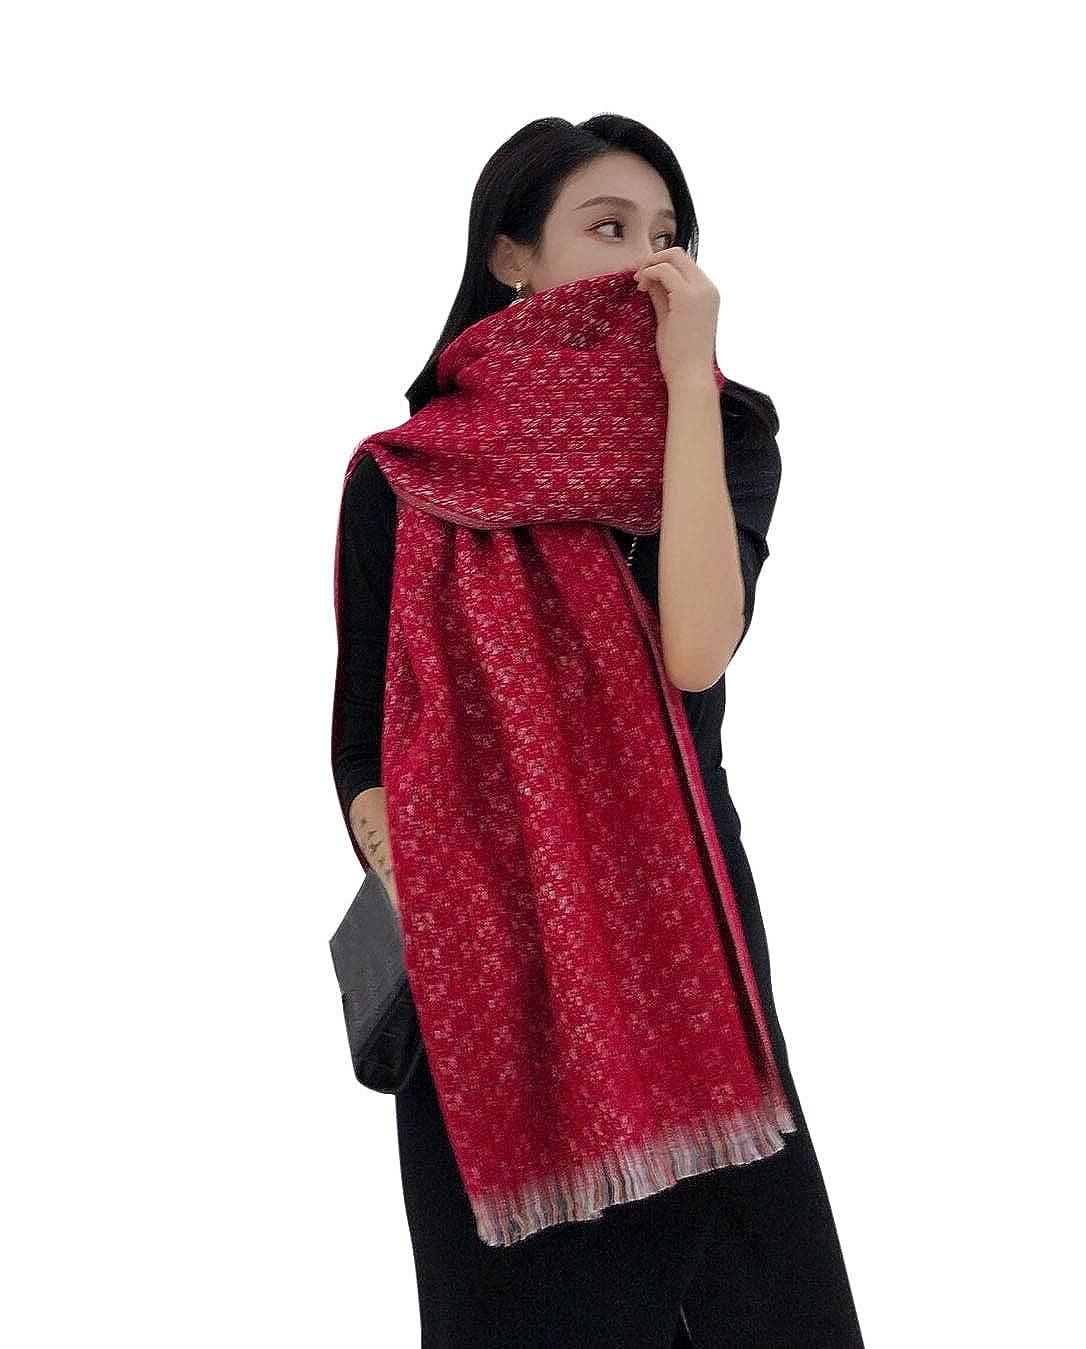 521415849dd Aswinfon Écharpe Chale Femme Cachemire Chaud Automne Hiver Longue Tissu  Glands Foulard Oversize 200   68cm